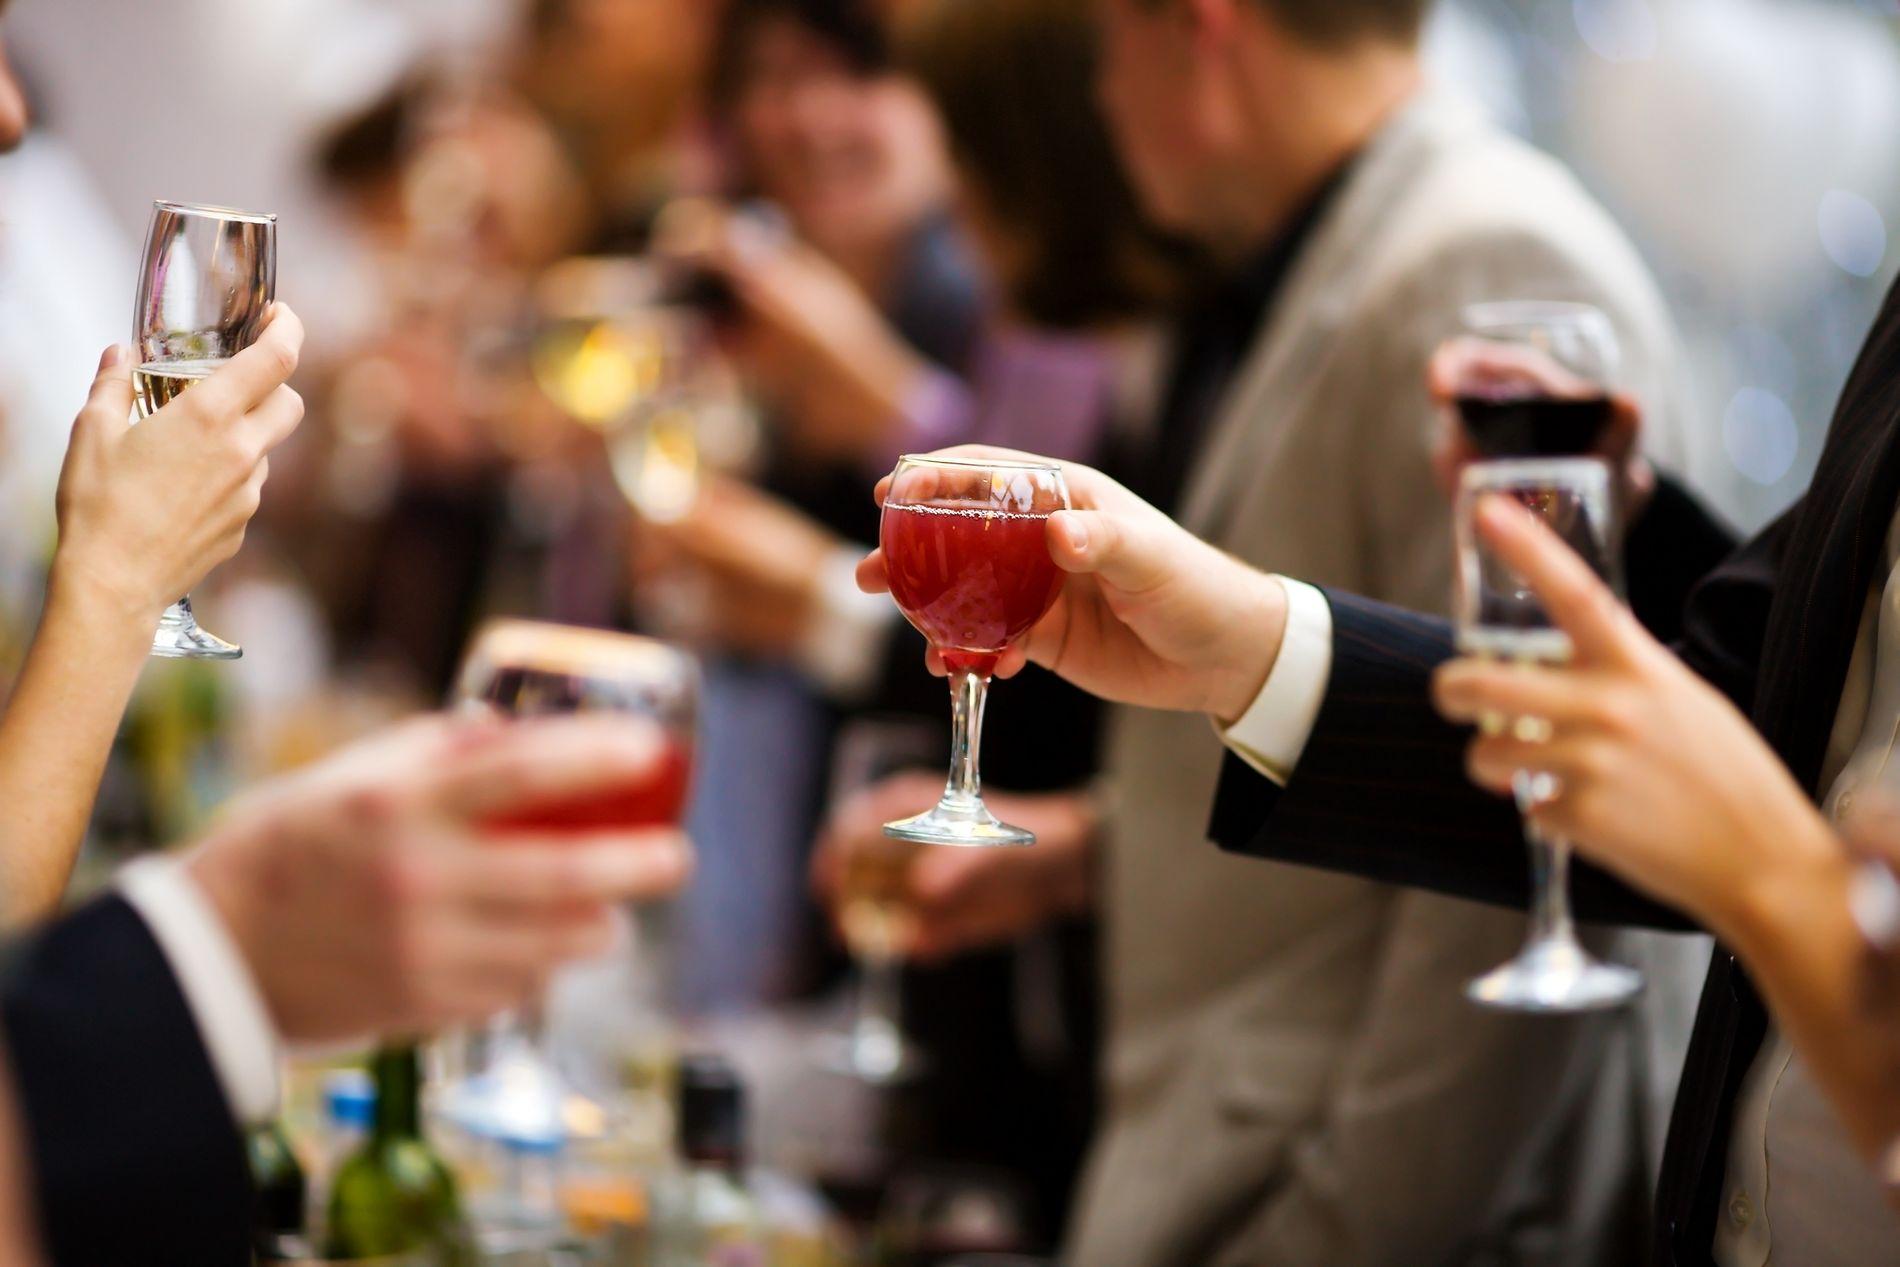 UBEHAGELIG: Arbeidslivet er en arena der alkoholproblemer kan oppdages, og forebygges. Det er ikke lett å snakke om alkoholvaner med andre, men som leder kan det likevel være din plikt, skriver Sonja Mellingen.